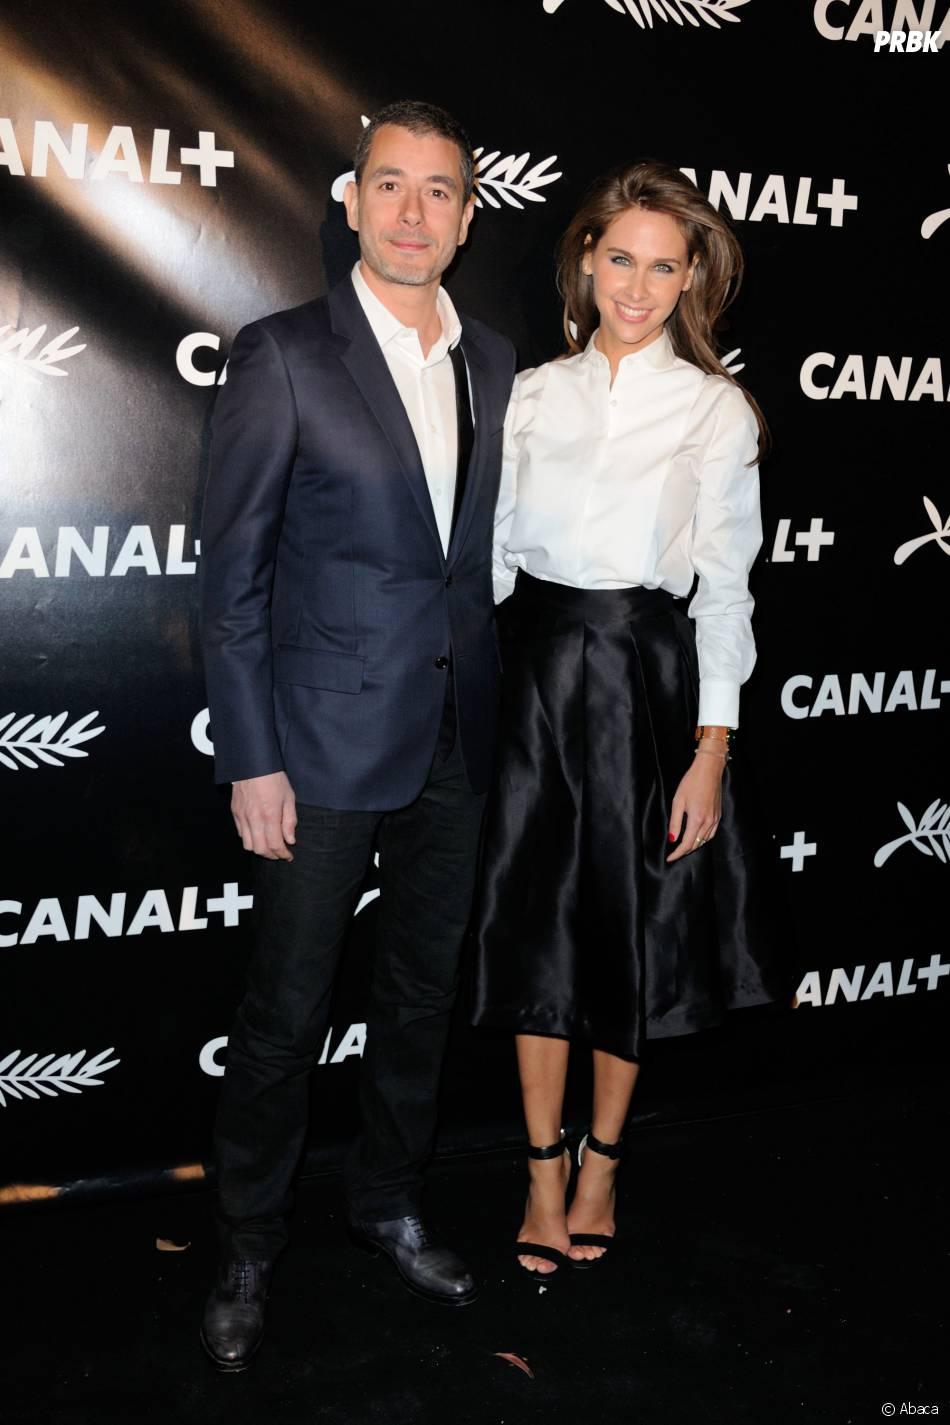 Ophélie Meunier et Ali Badou à la soirée de Canal+ à Cannes le vendredi 15 mai 2015